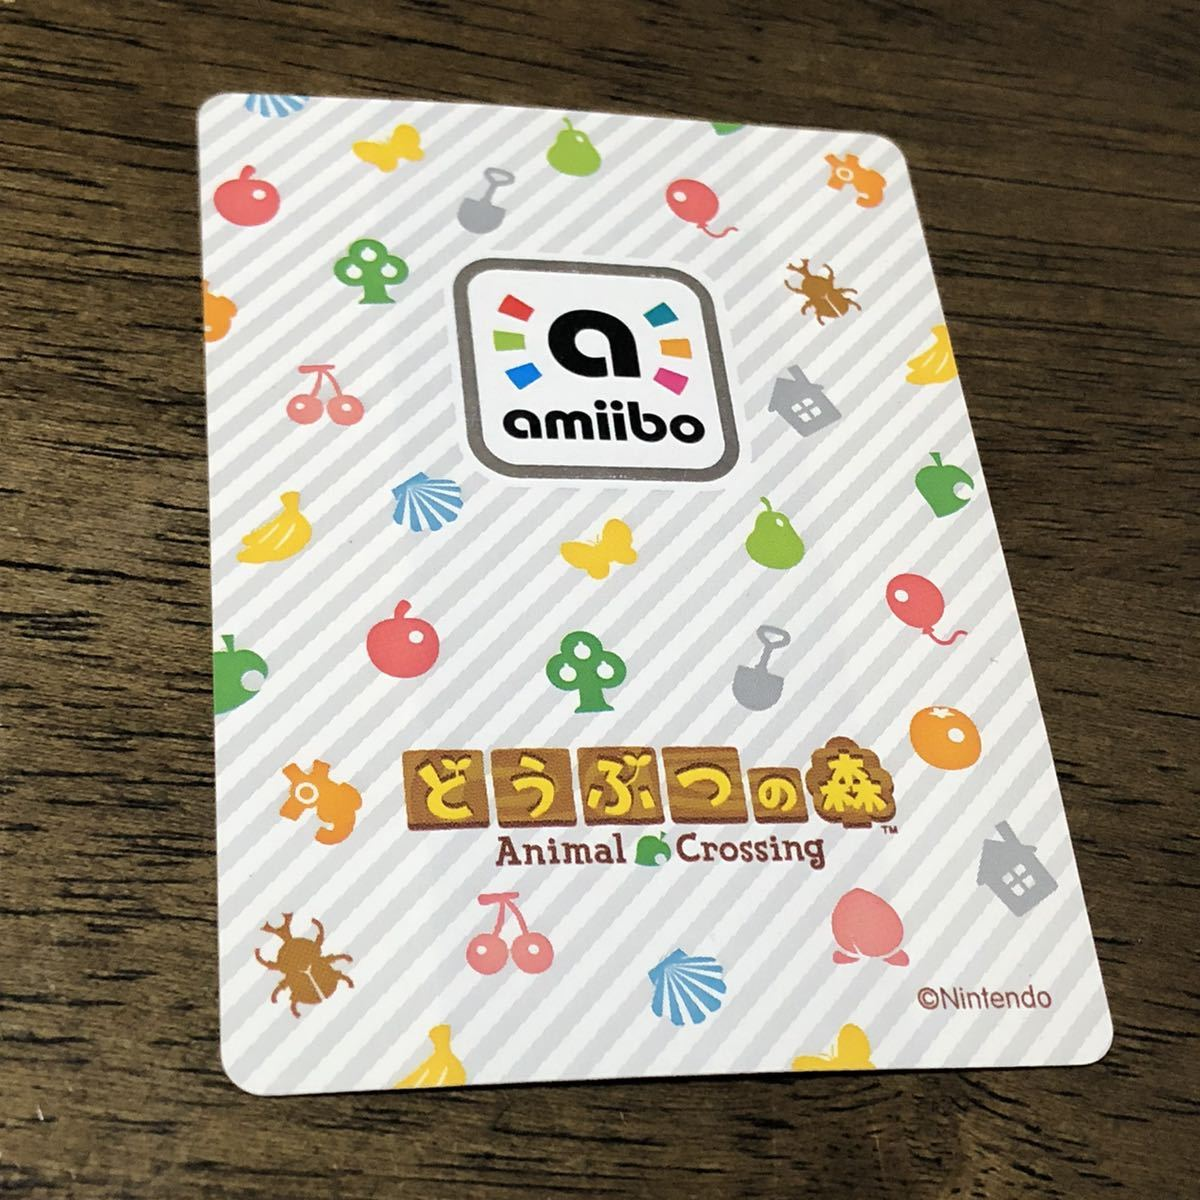 【送料無料】どうぶつの森 amiibo カード アミーボ あつまれどうぶつの森 とびだせどうぶつの森 スイッチ switch しずえ